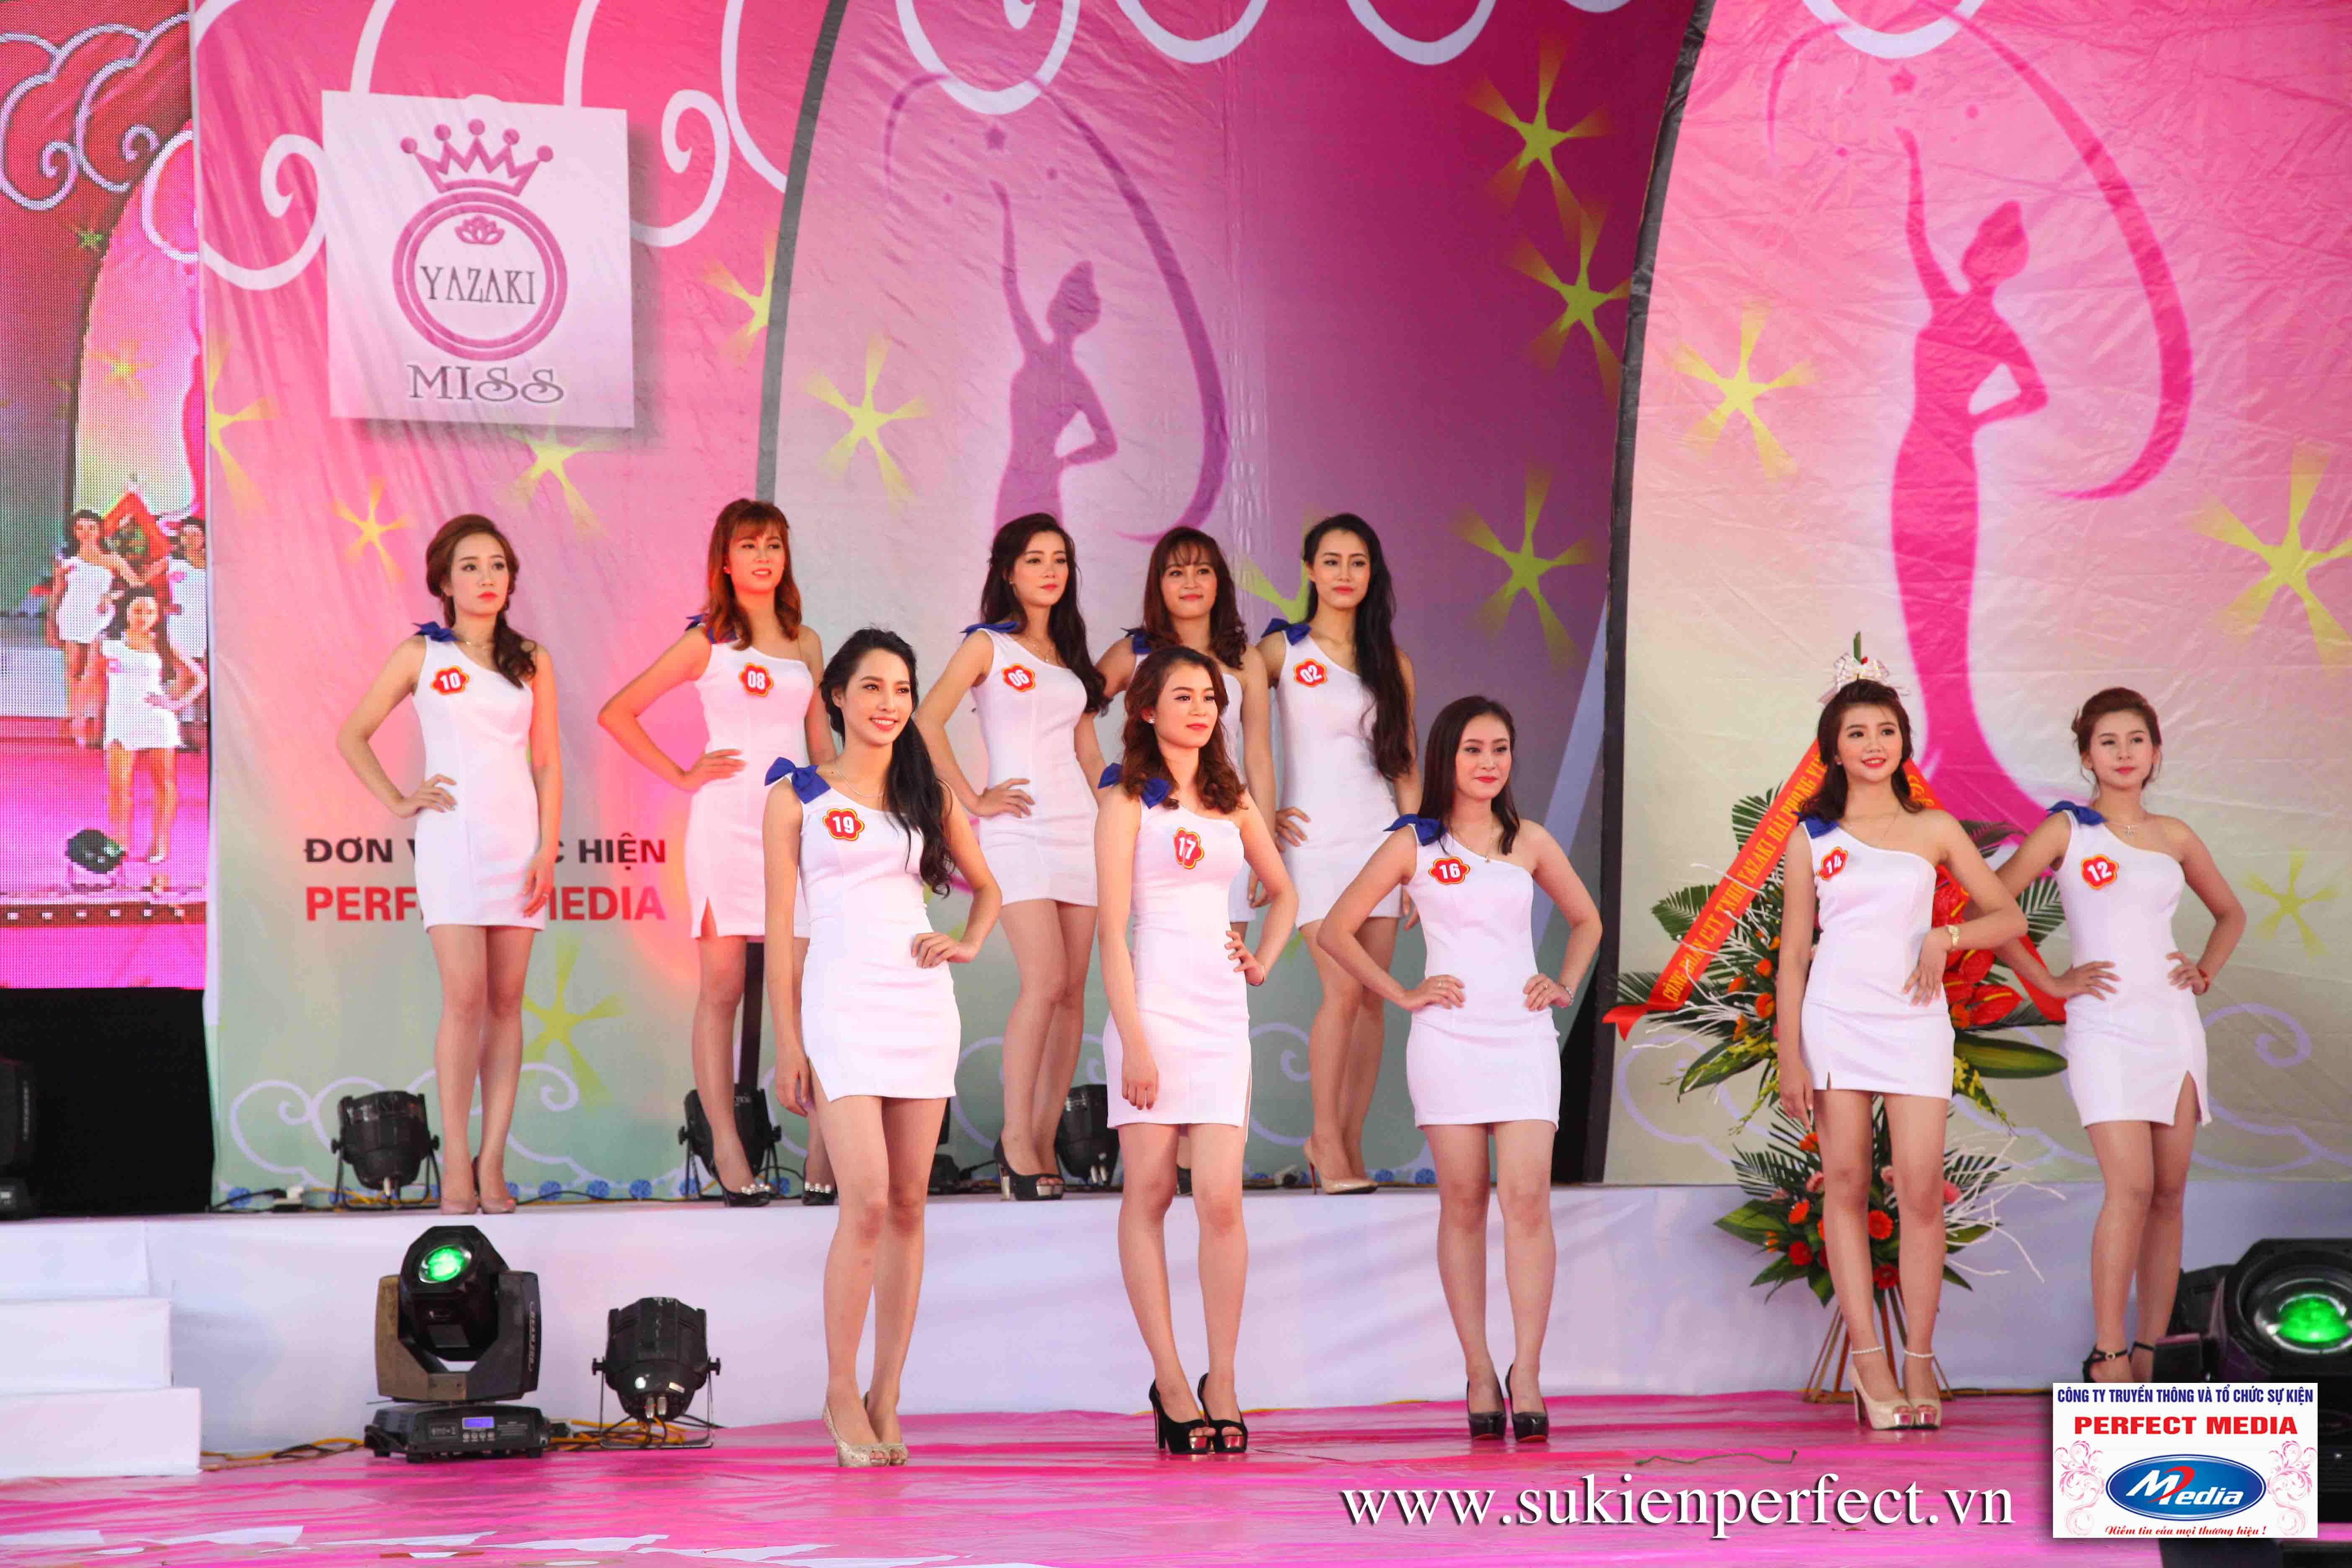 Hình ảnh các thí sinh trong cuộc thi Người đẹp Yazaki Quảng Ninh 2016 (Hình thể) - 12